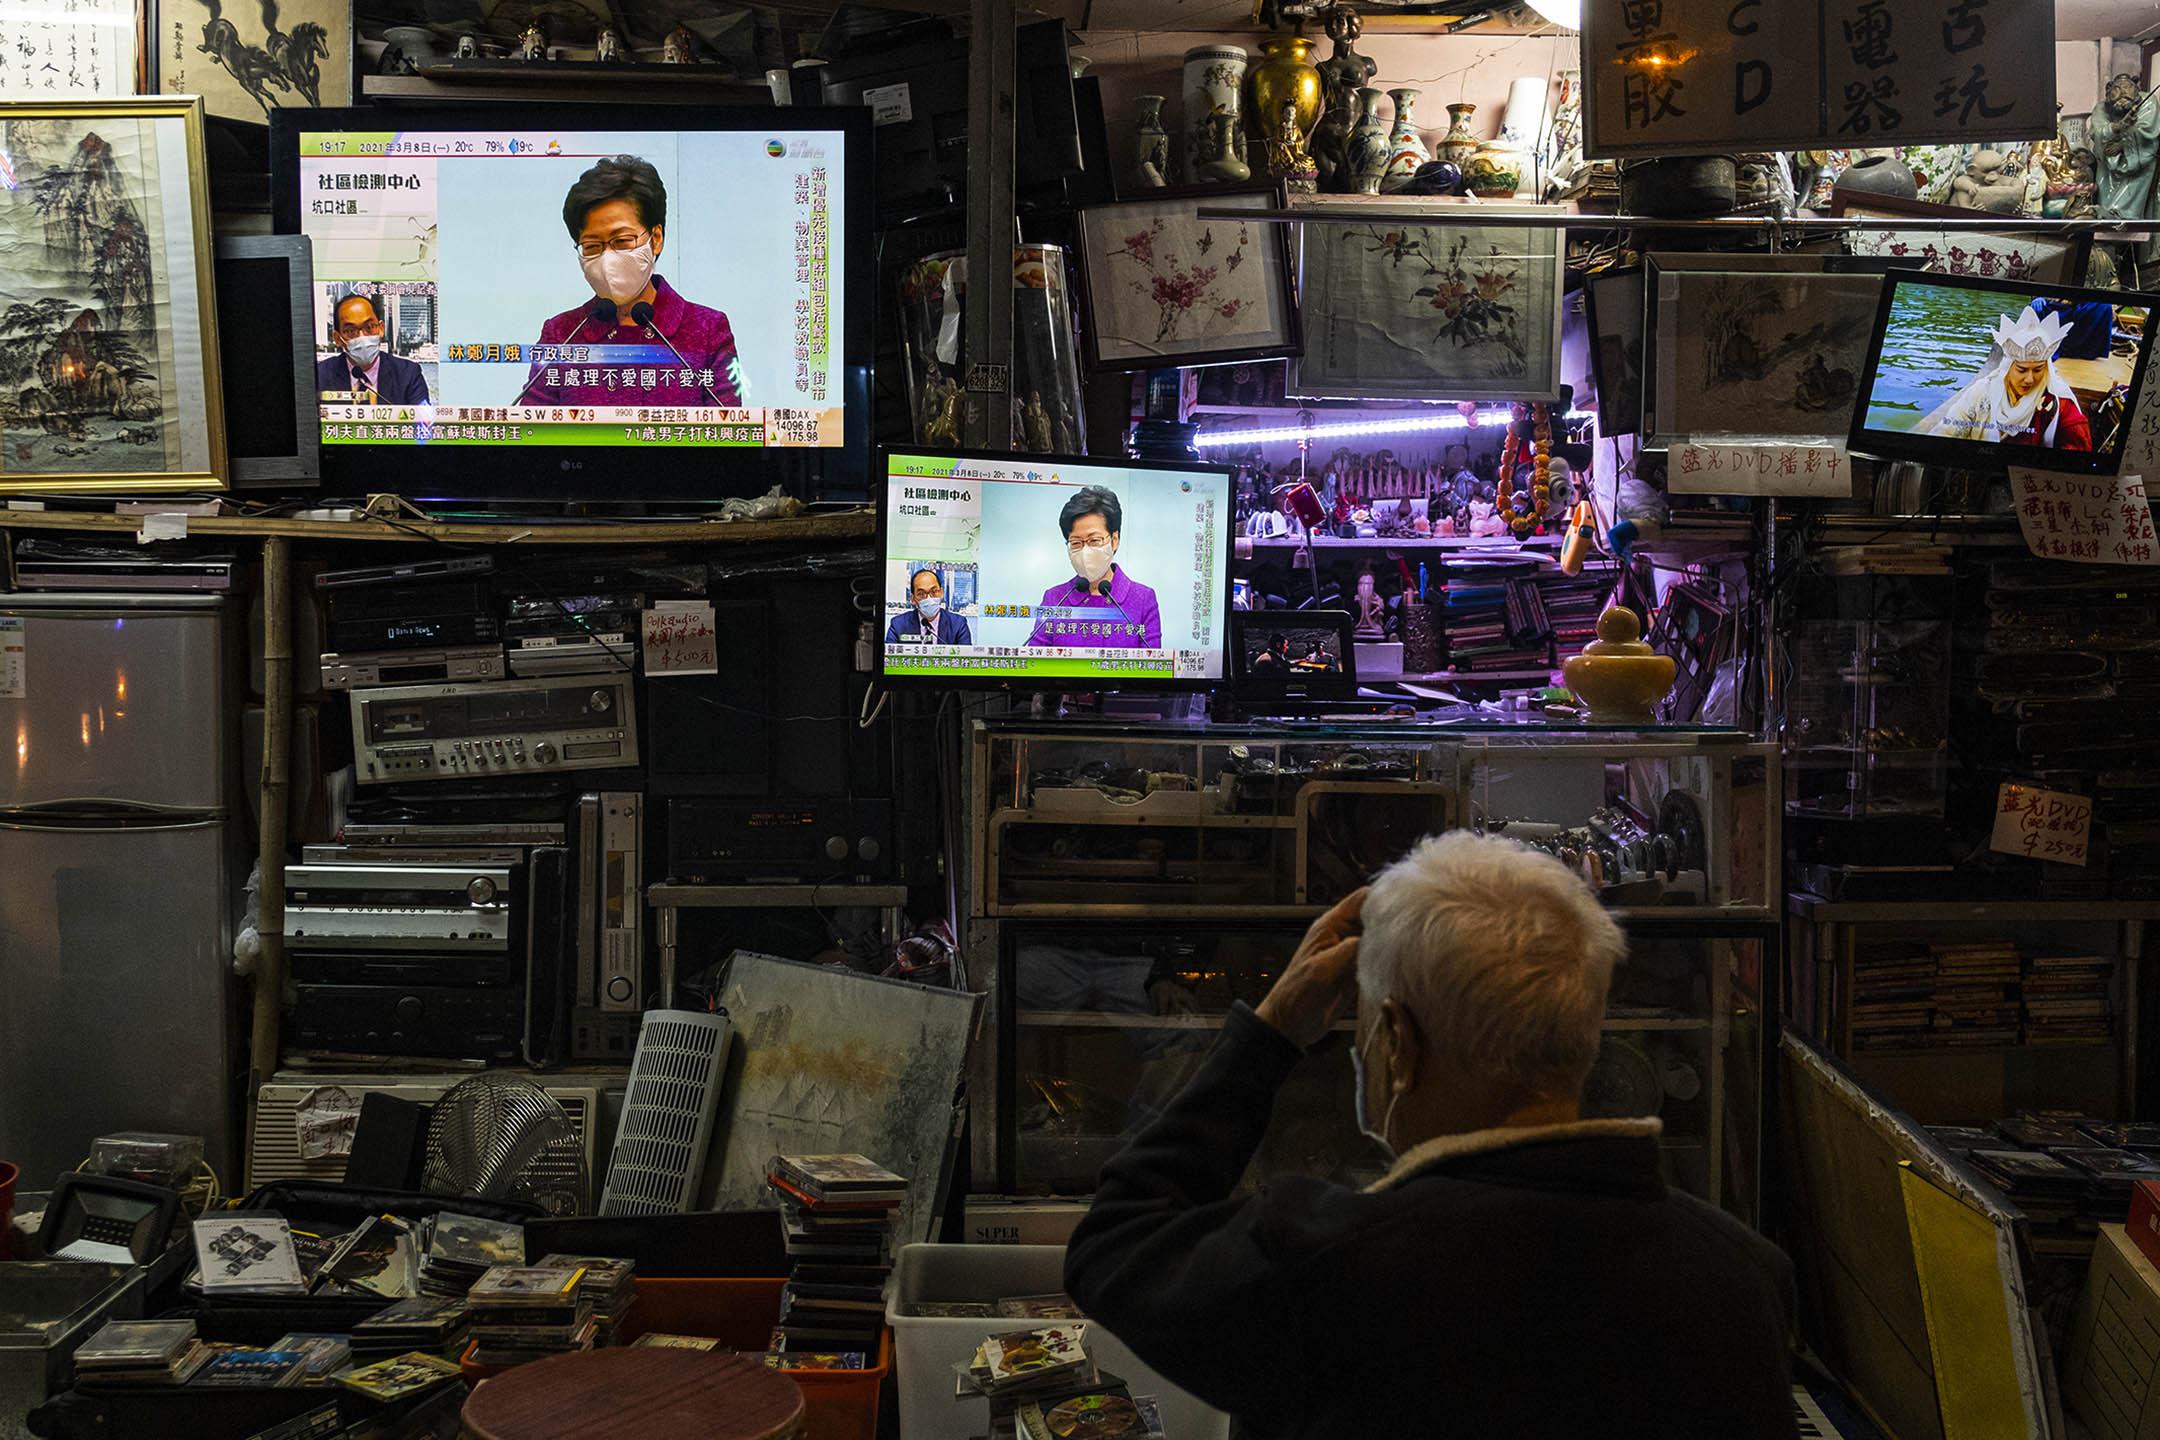 2021年3月8日深水埗,市民在觀看電視新聞報告,特首林鄭月娥於政府總部會見傳媒,就香港選舉制度改革講話。